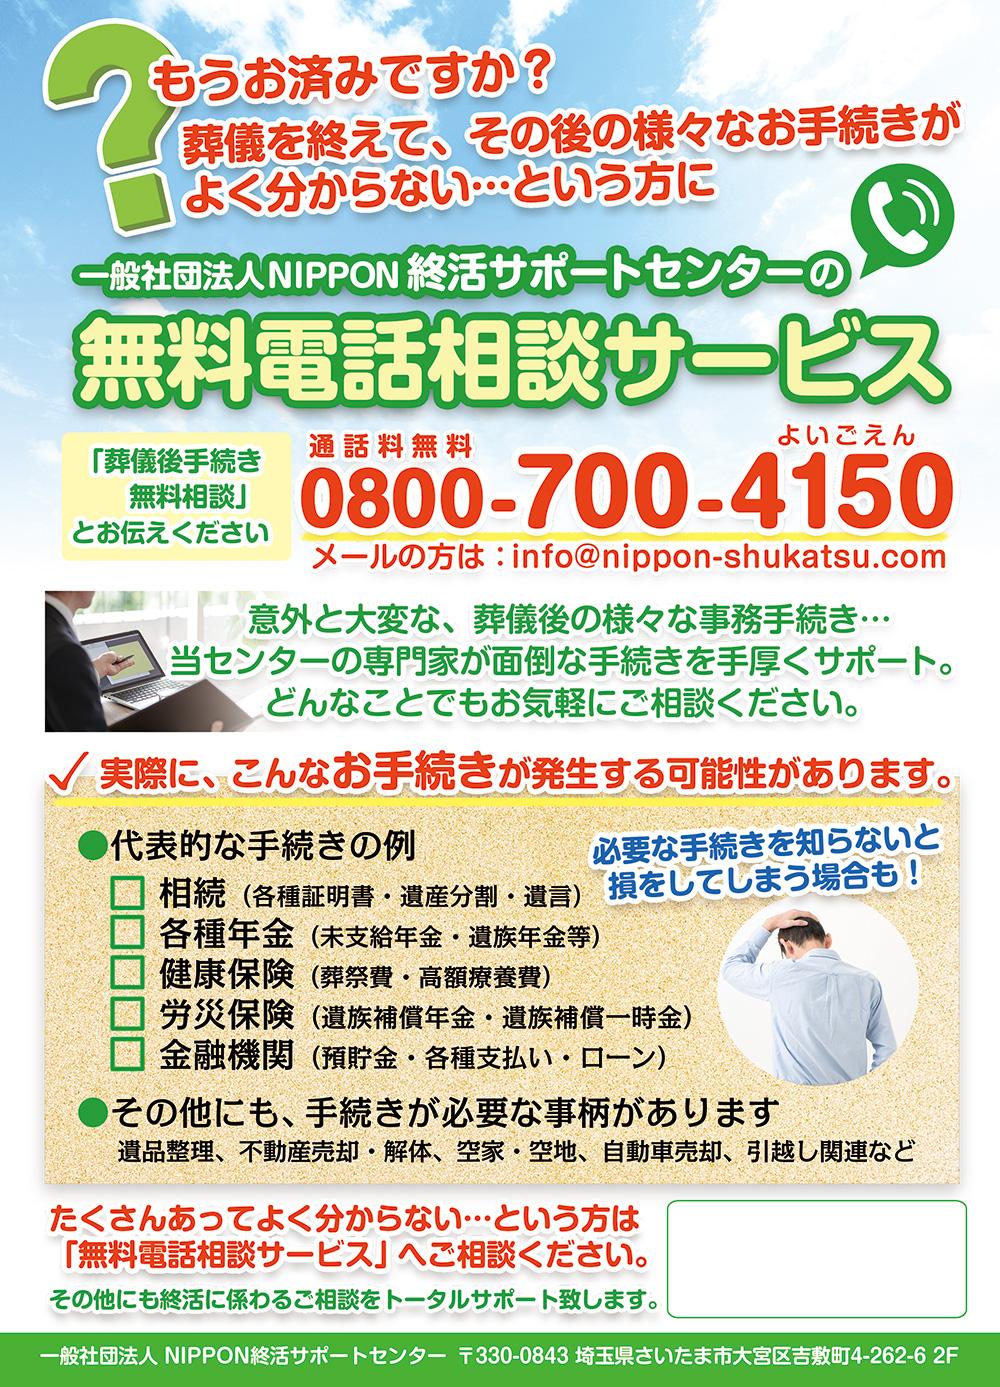 葬儀後手続き無料電話相談サービス|NIPPON終活サポートセンター